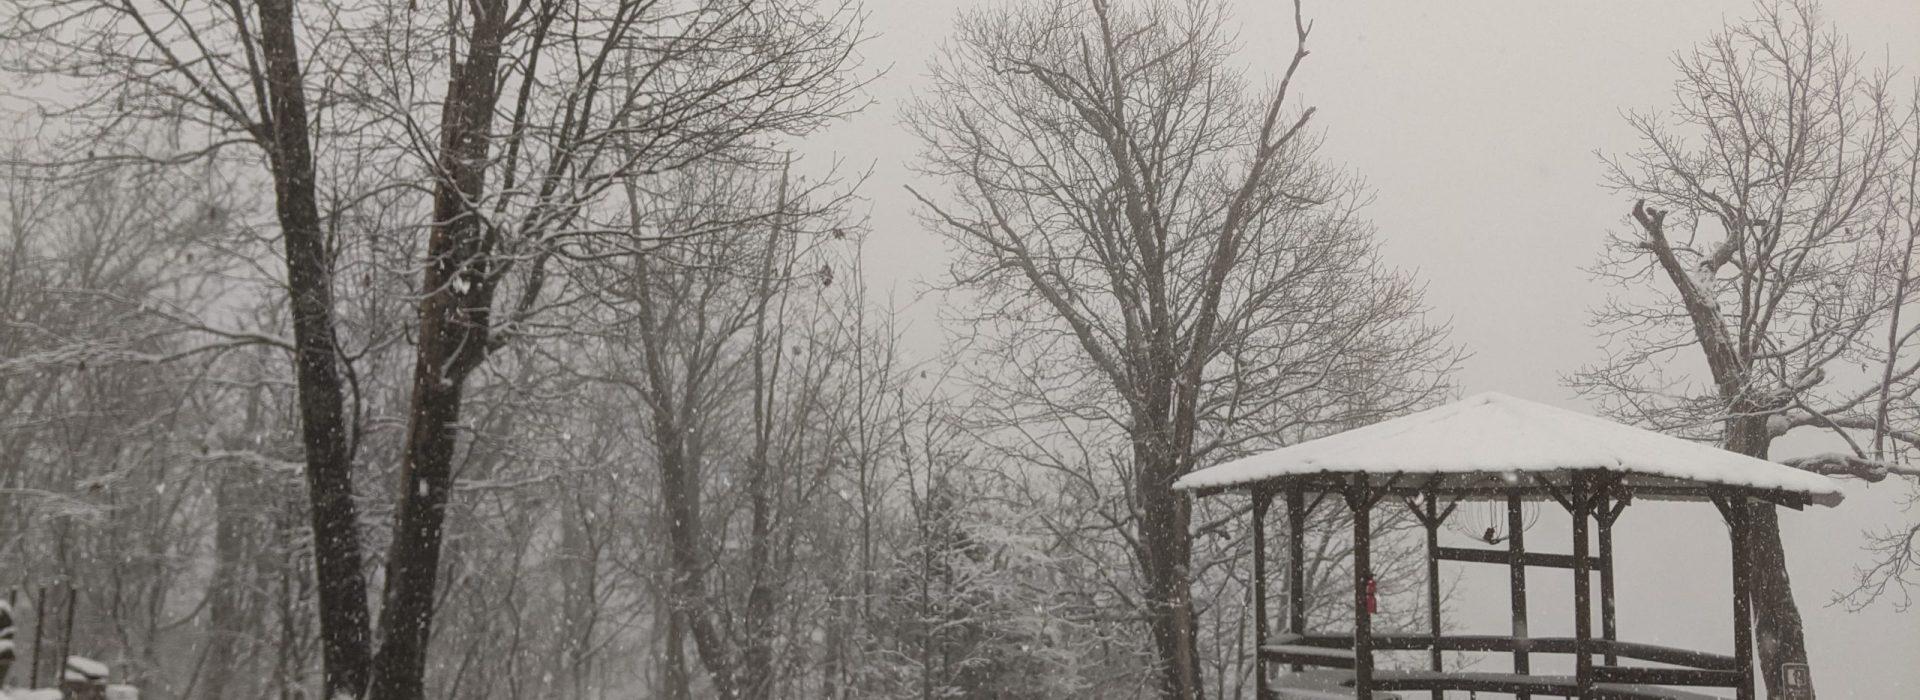 Walking in the snow, Castle Bluff